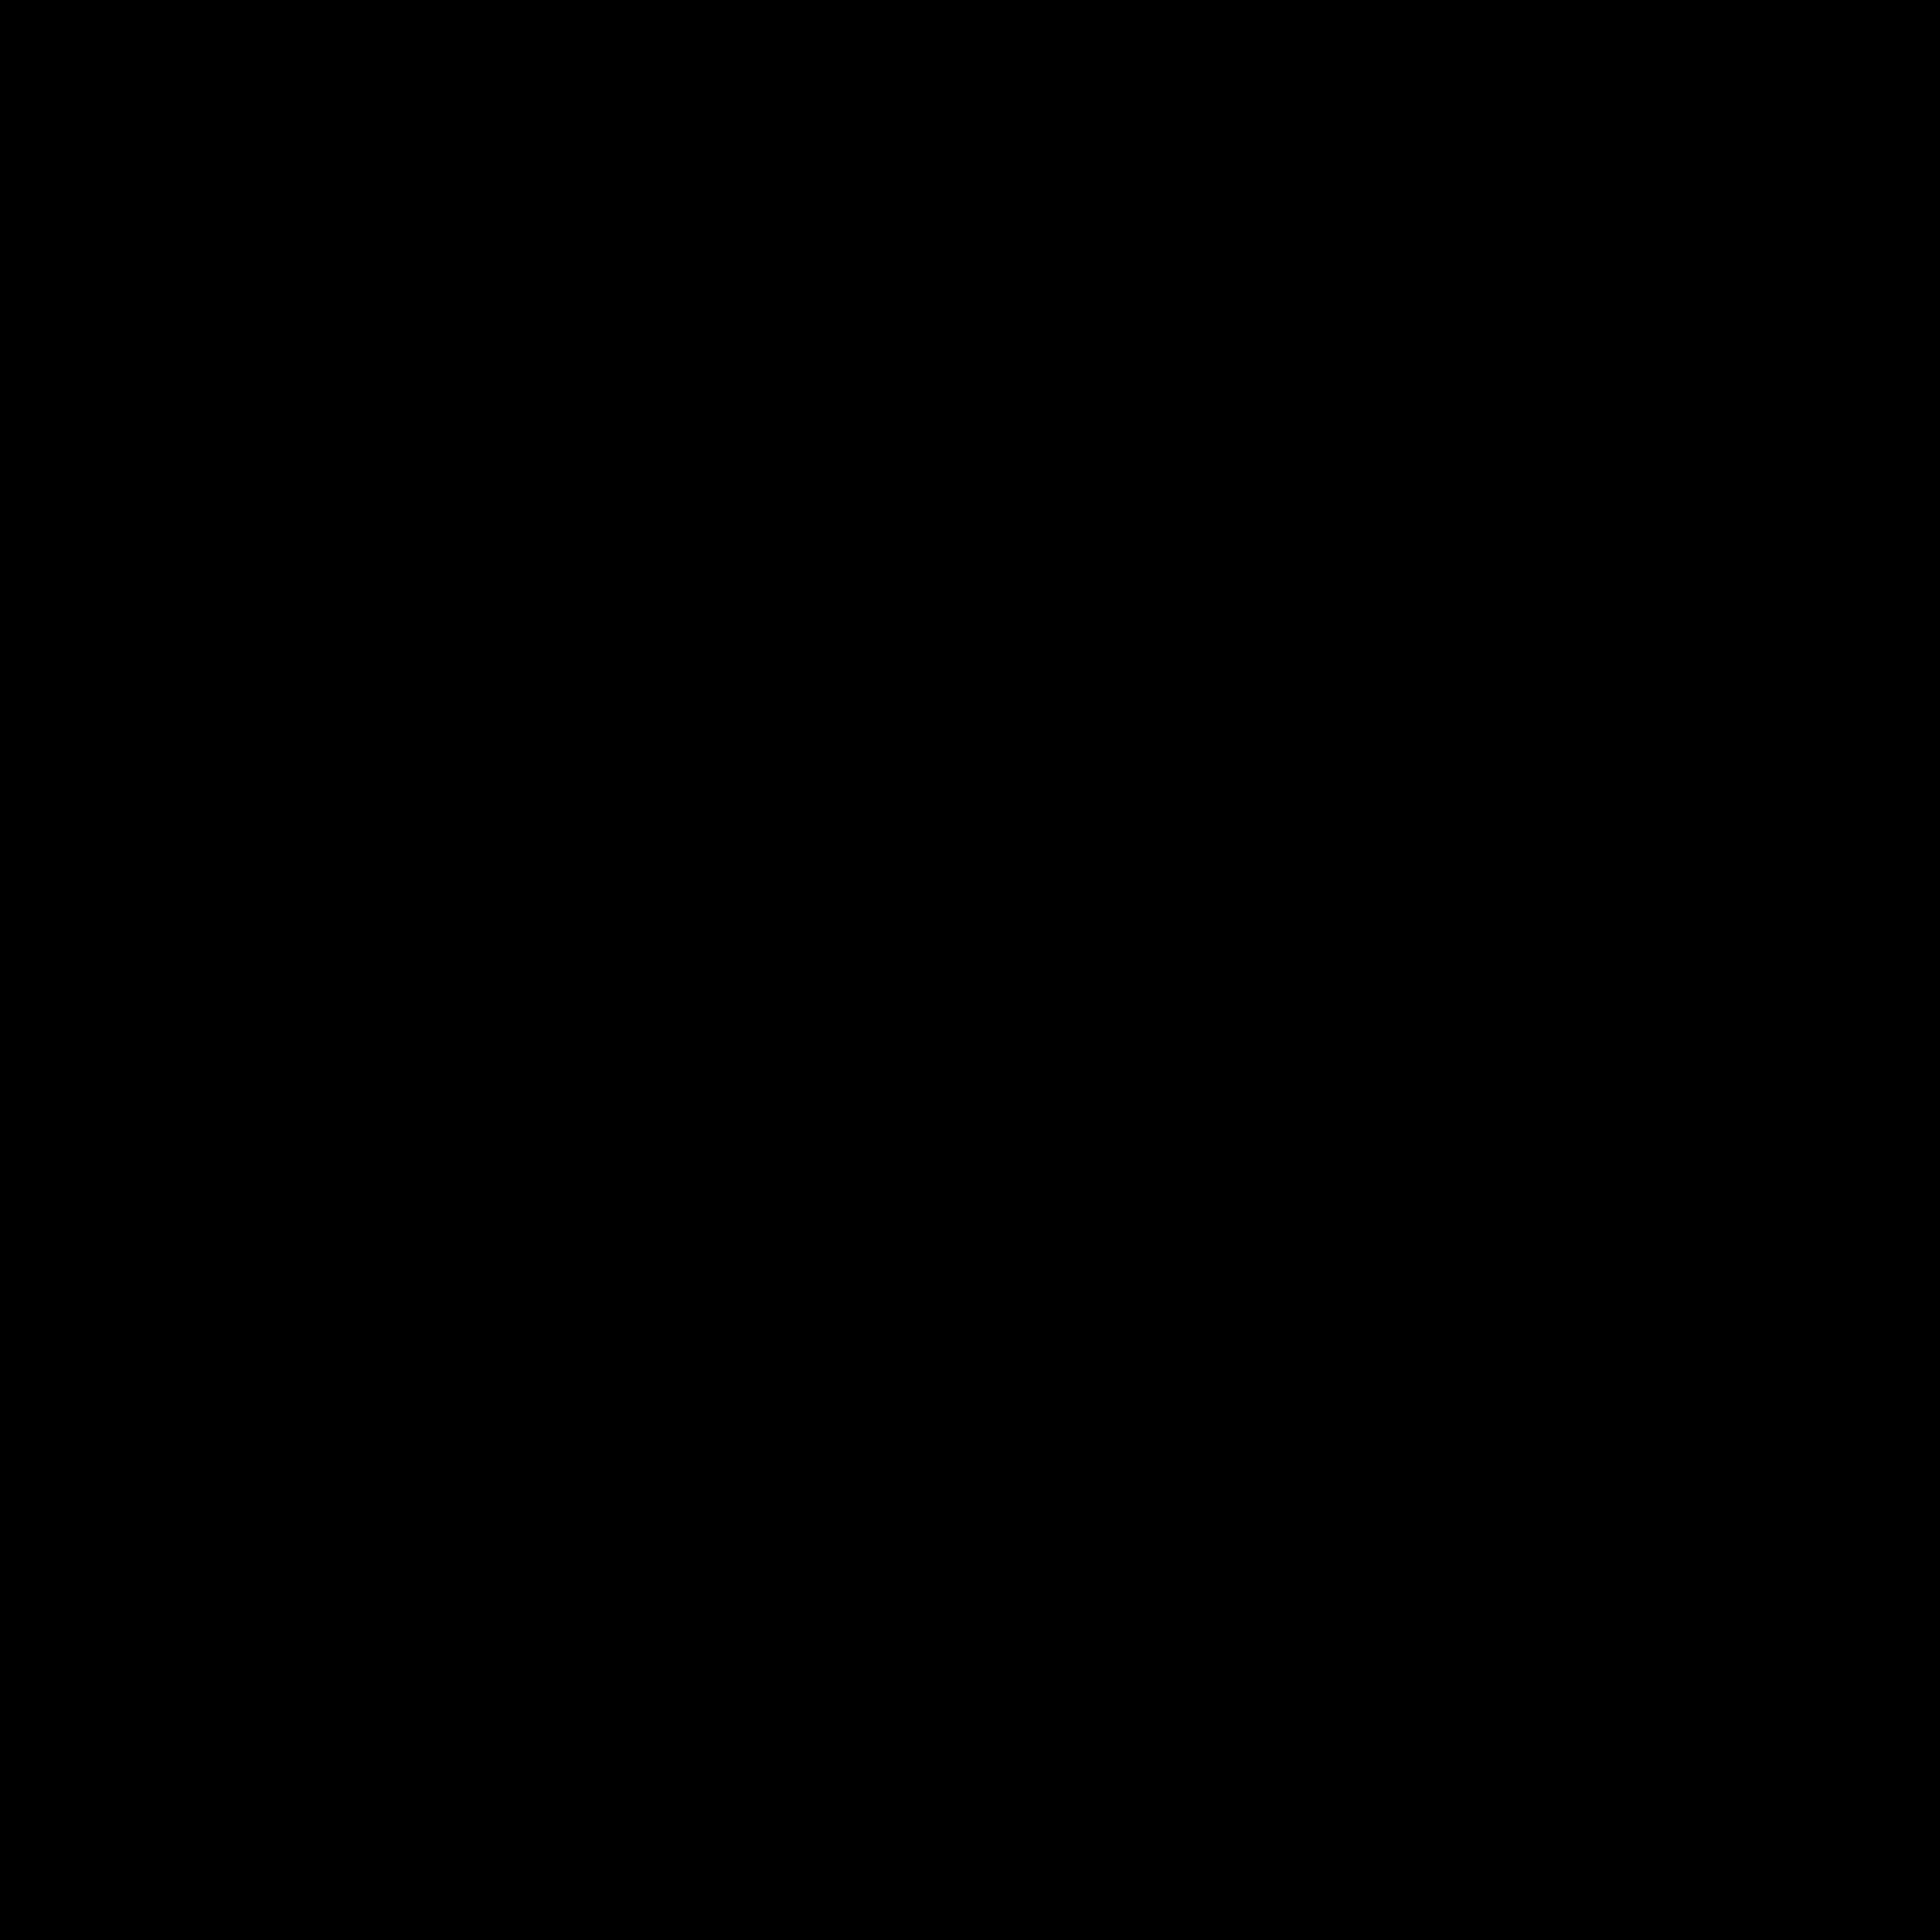 KOYOMI-icon3600.png